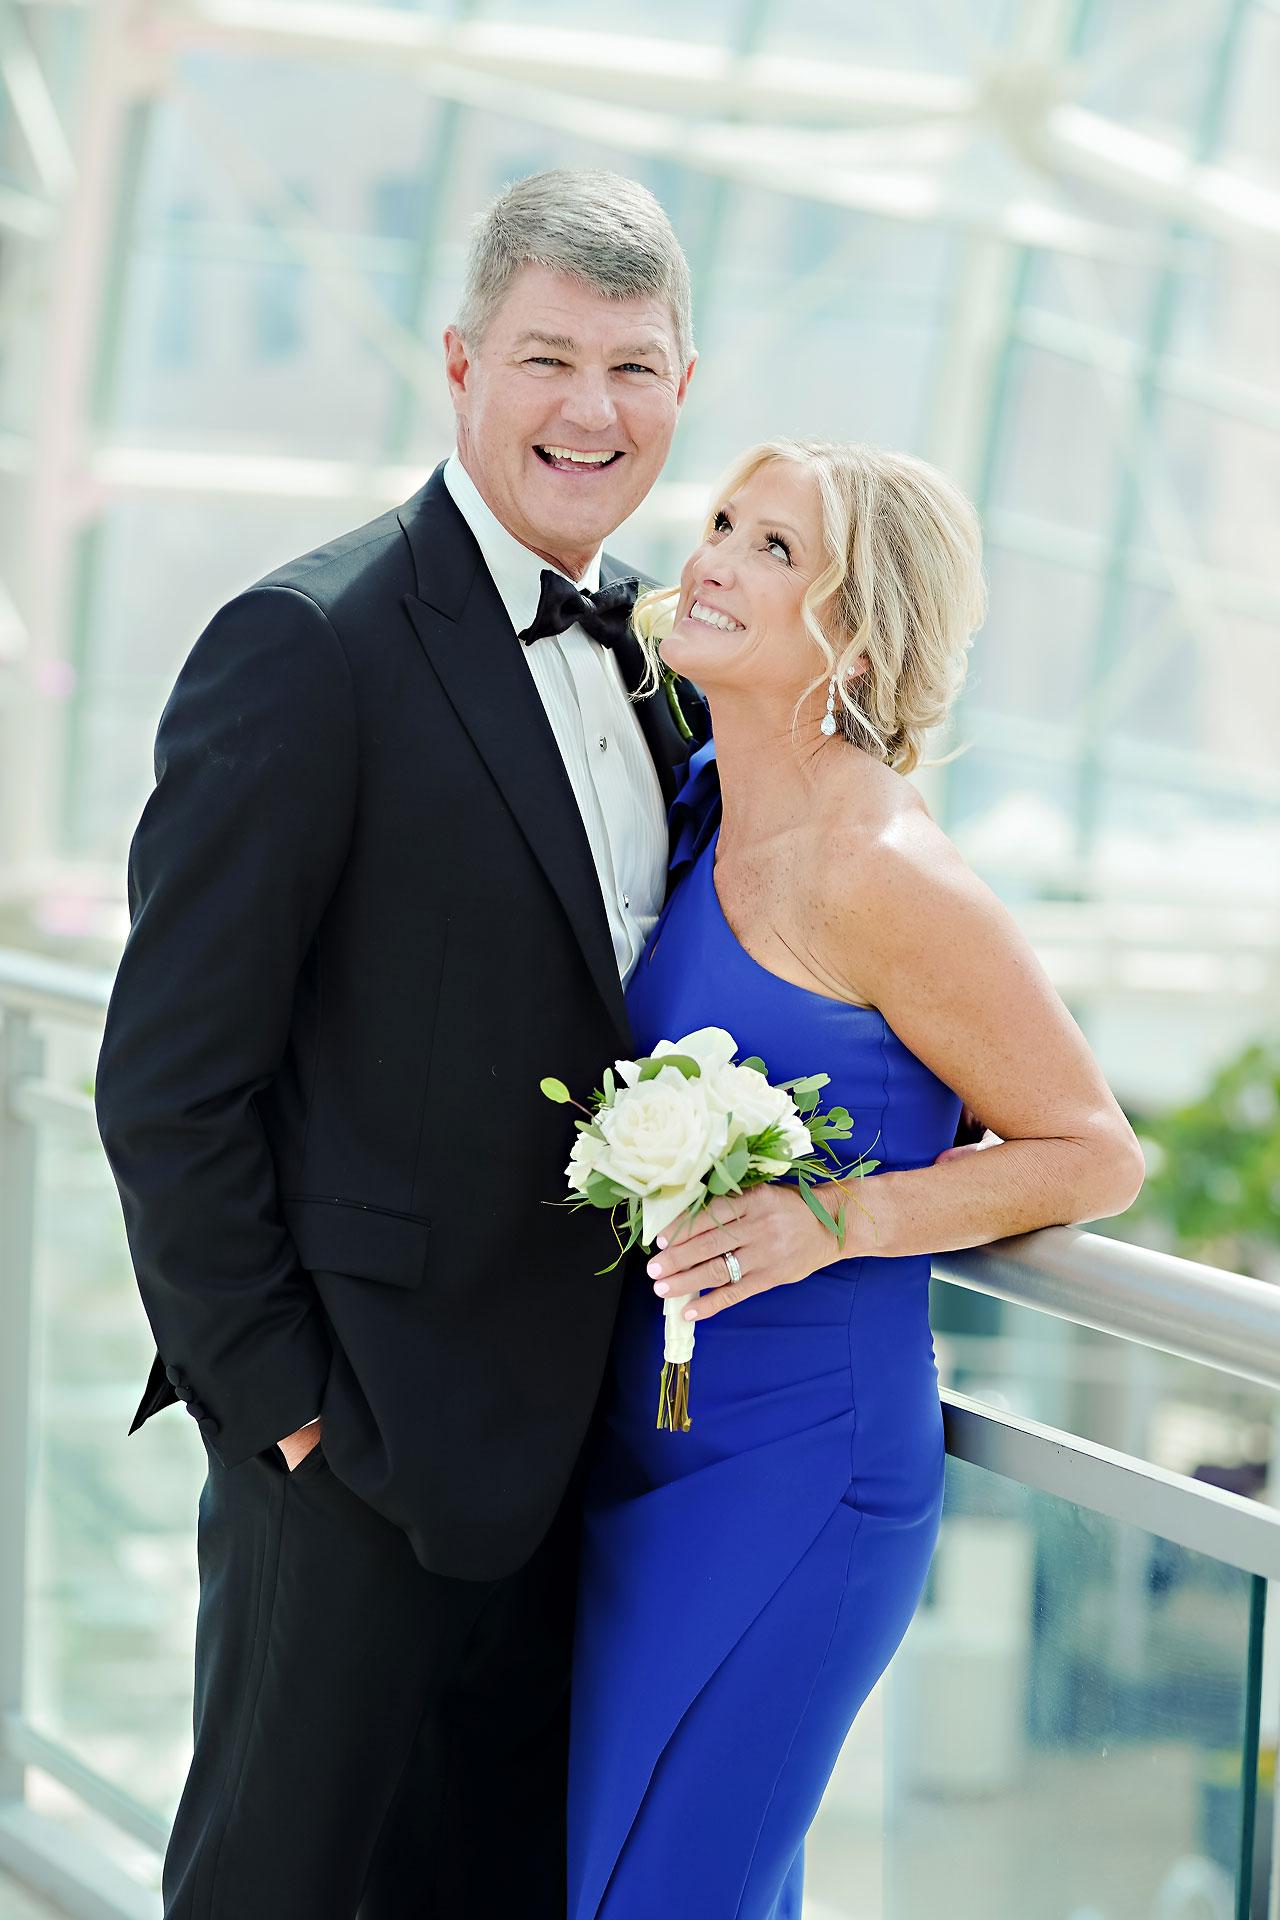 Liz Zach Conrad Artsgarden Indianapolis Wedding 155